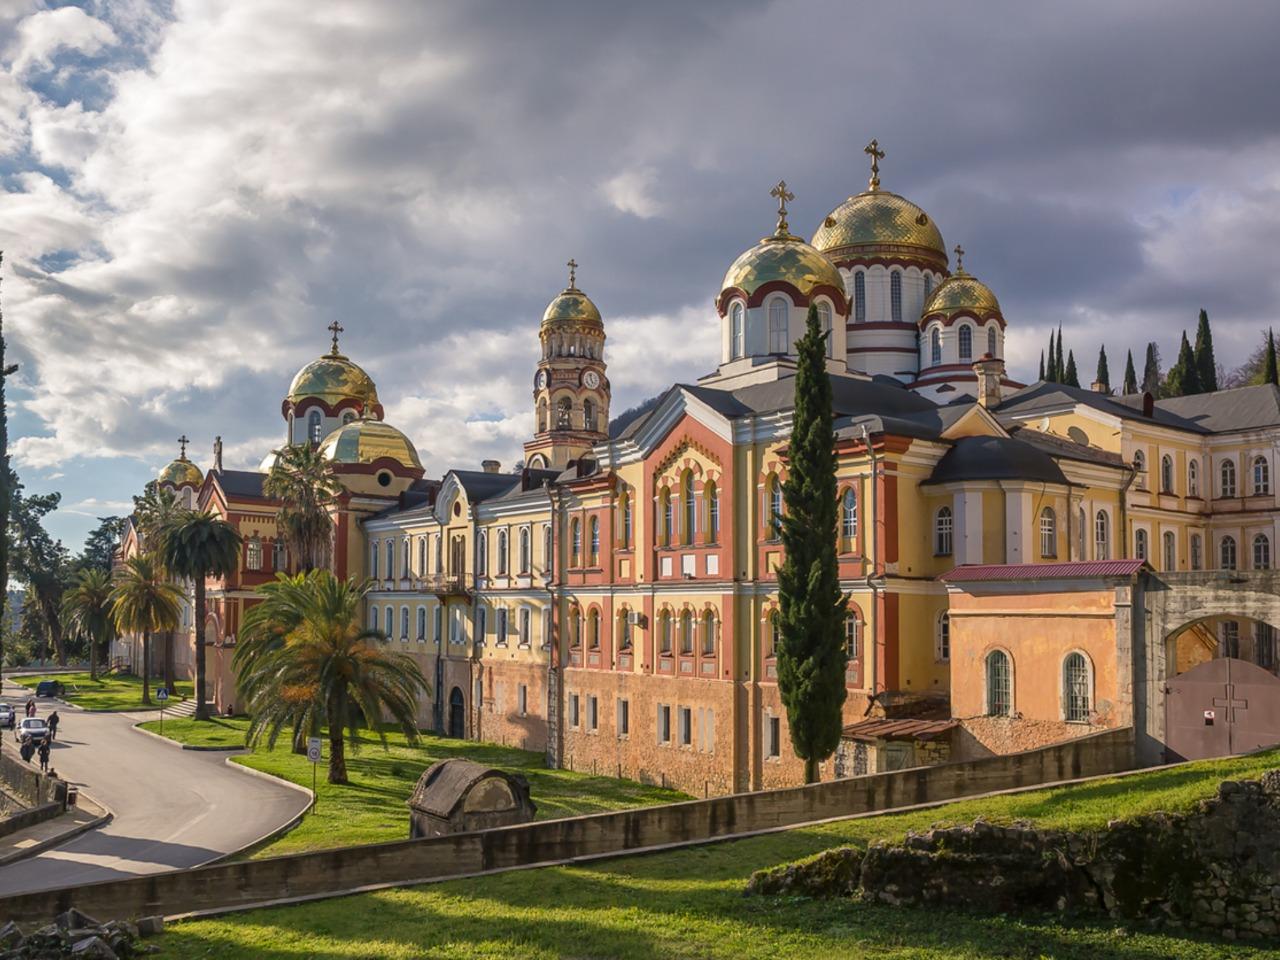 Новый Афон — от Византии до наших дней - индивидуальная экскурсия в Сочи от опытного гида